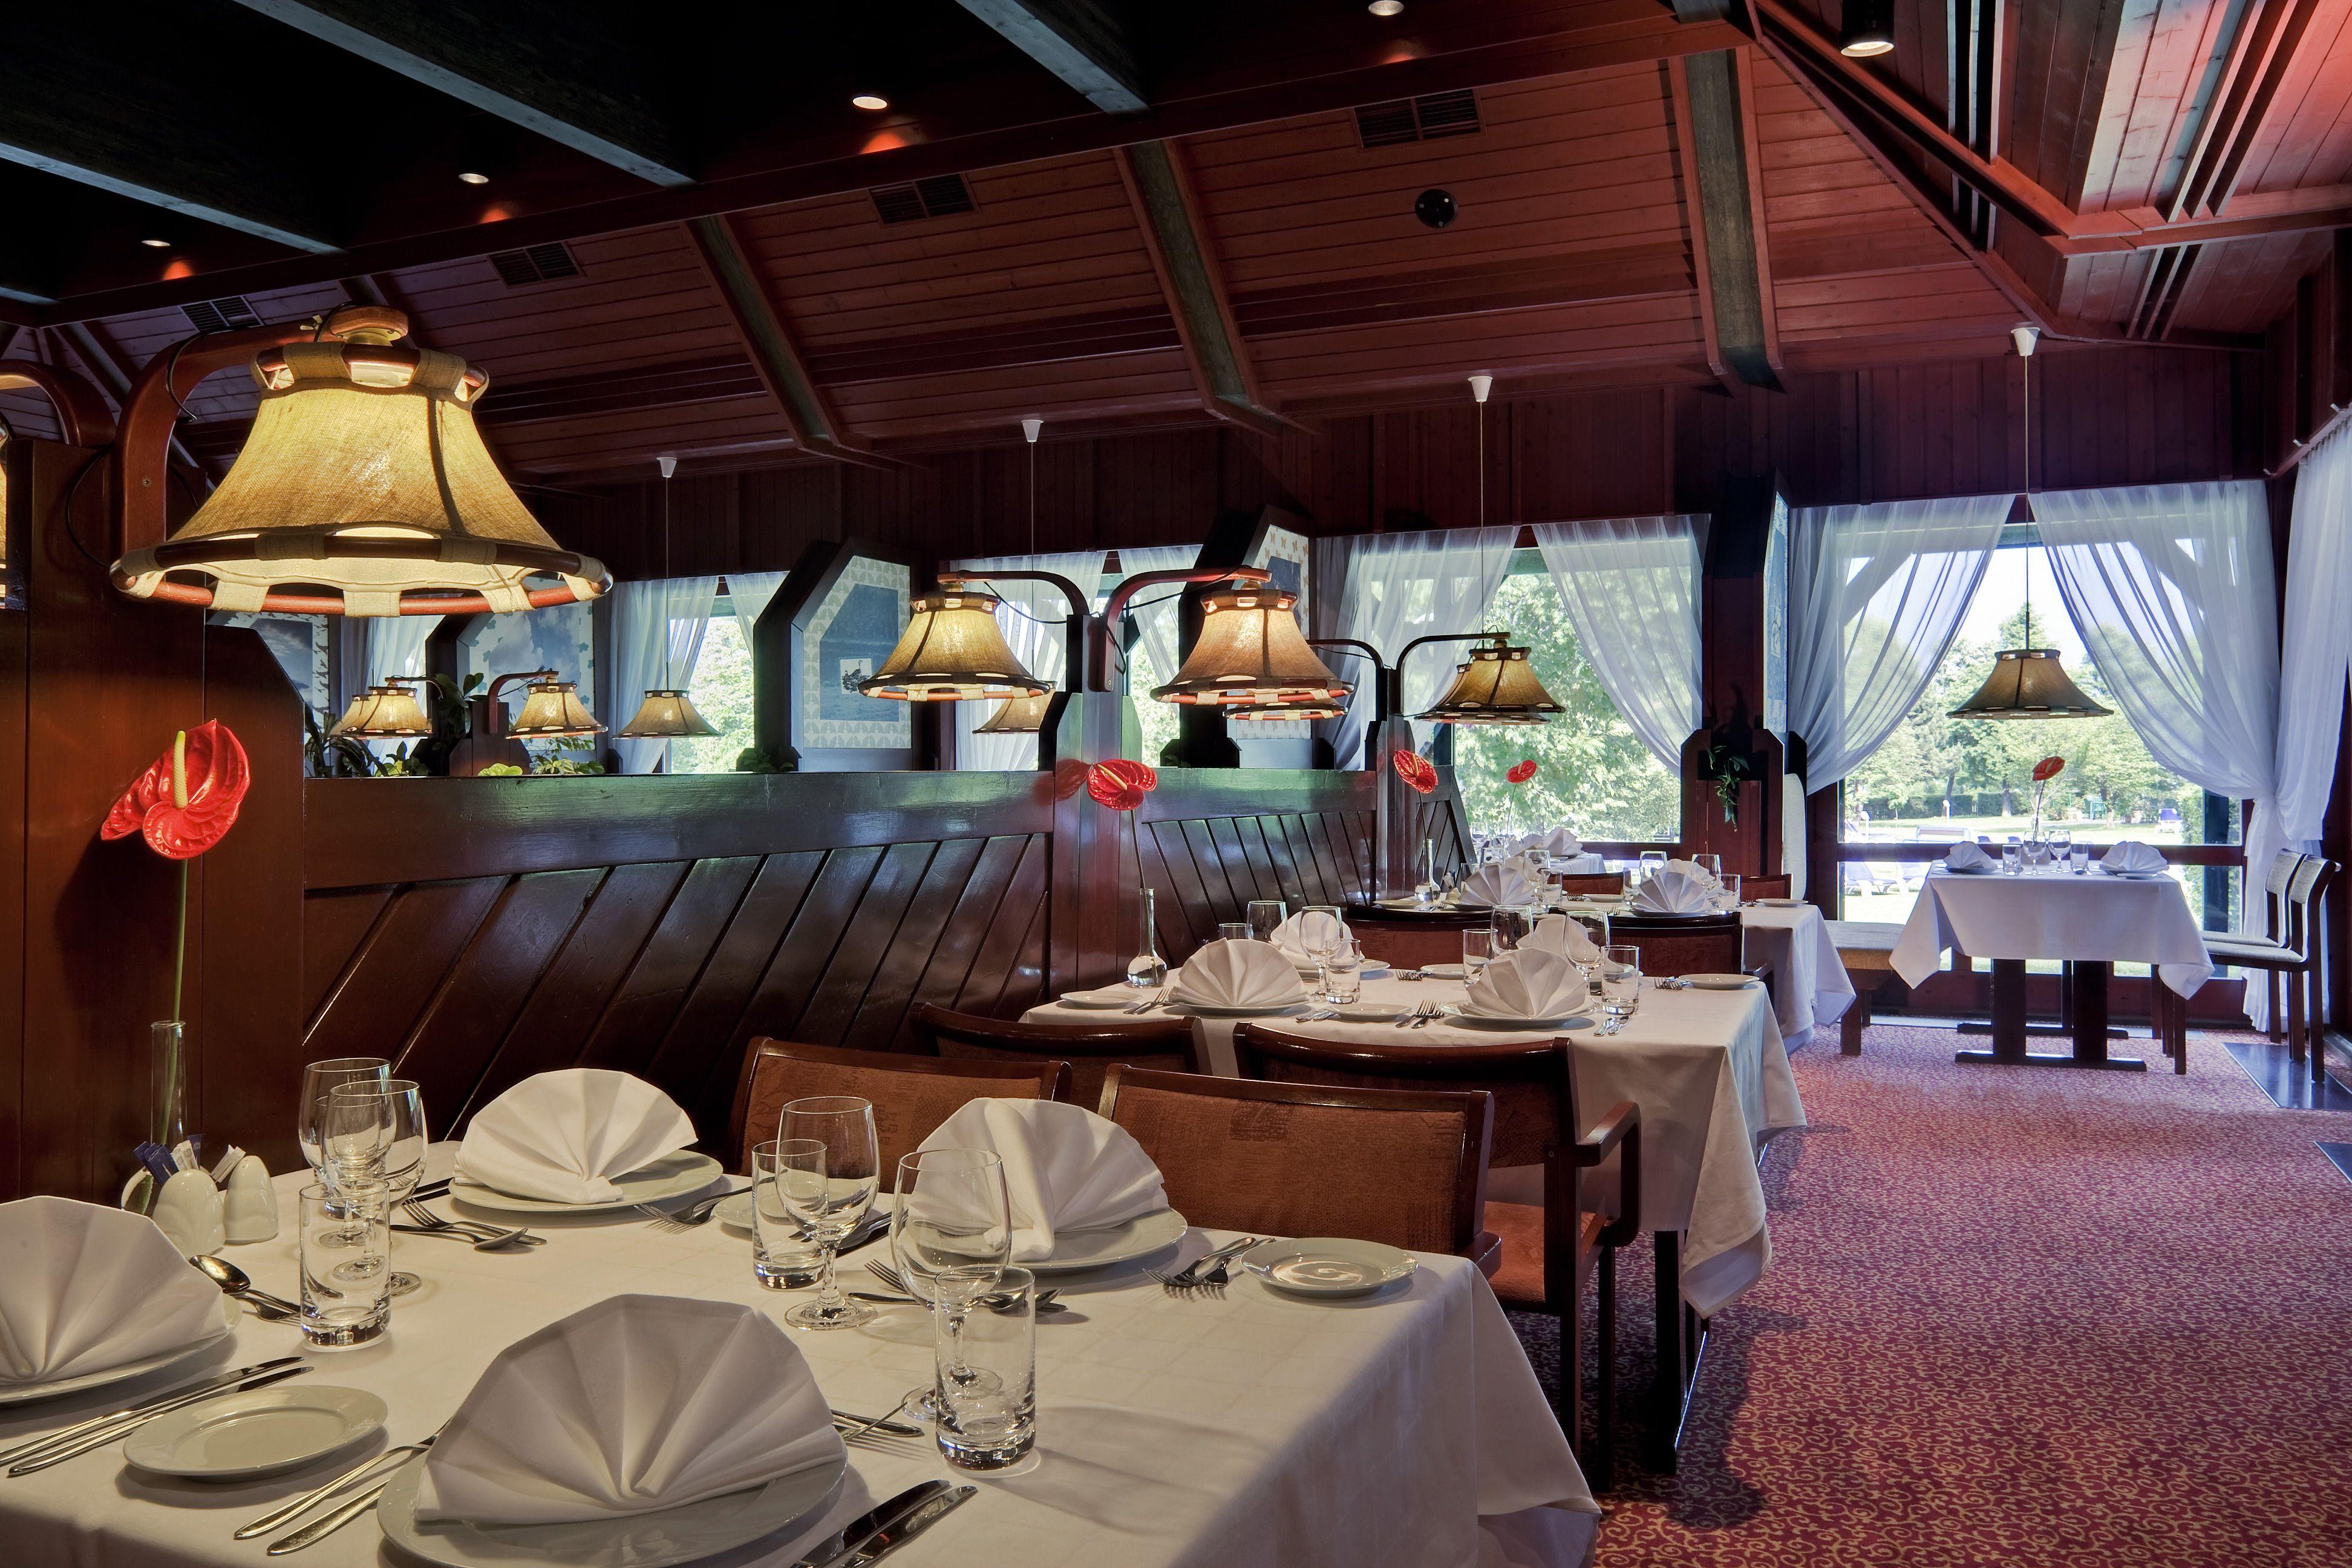 Nils Holgersson étterem a büki Danubius szállodában